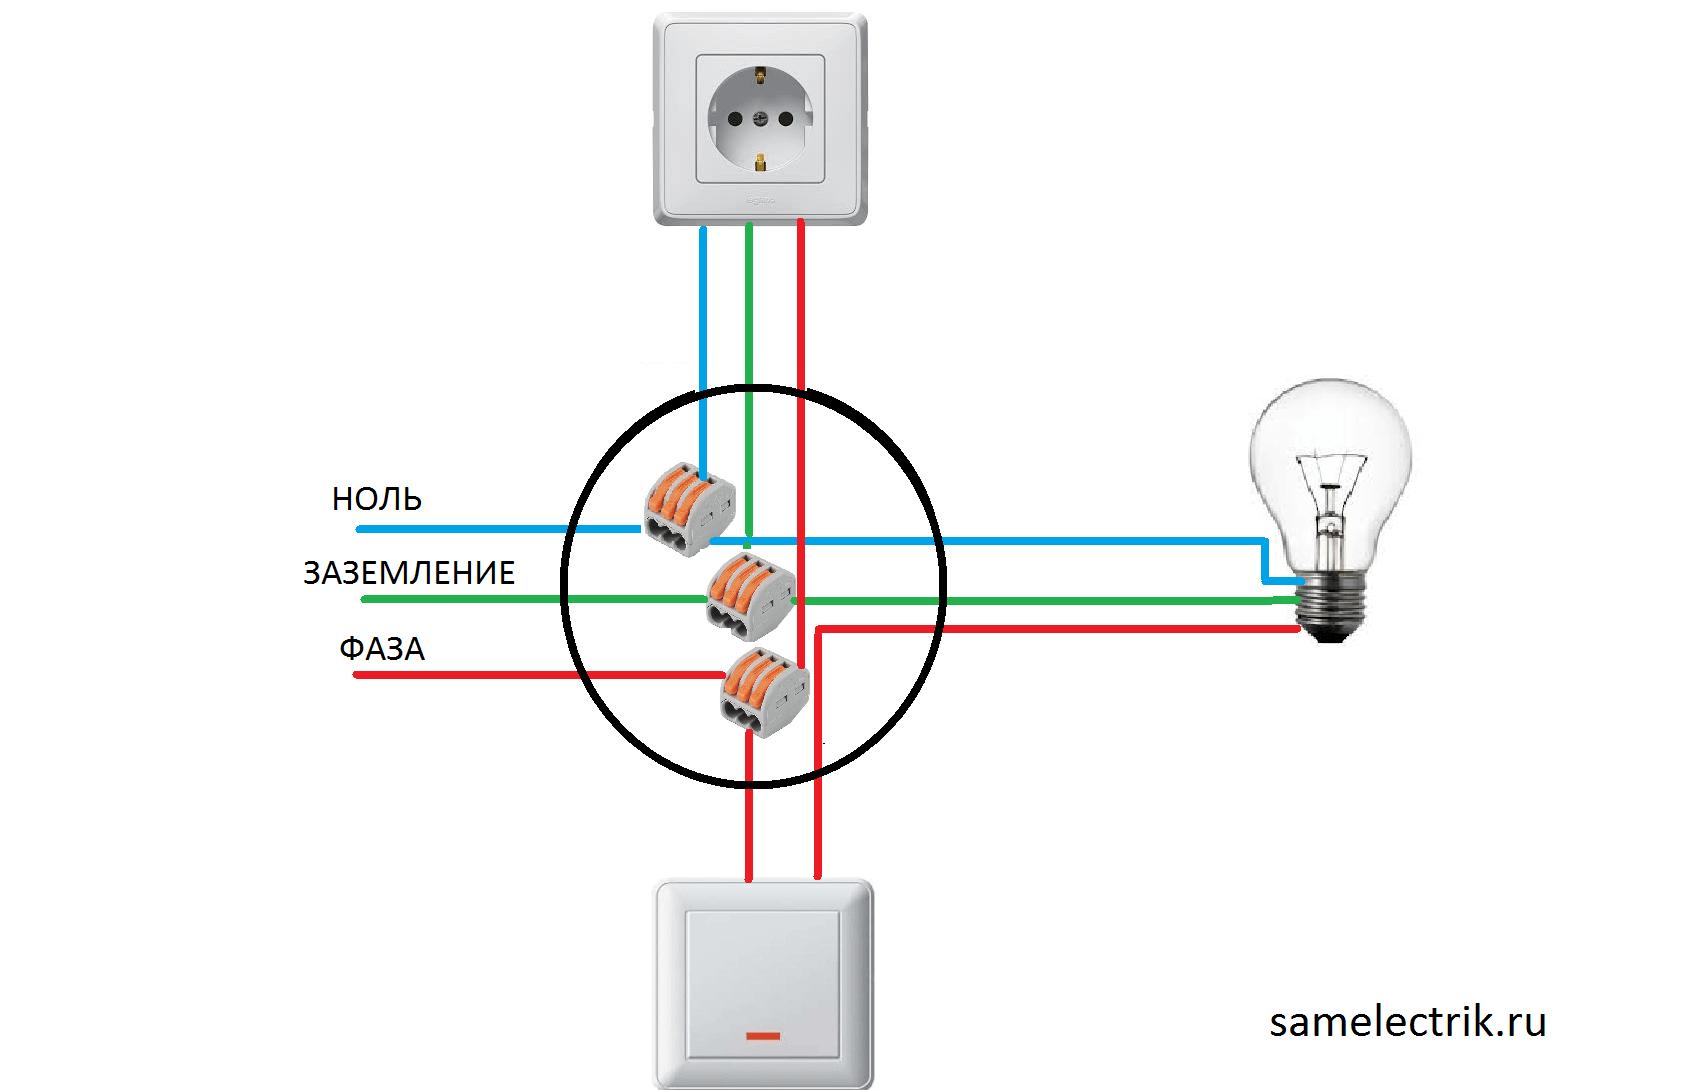 схема двойного выключателя с диодом на выключателе фаза